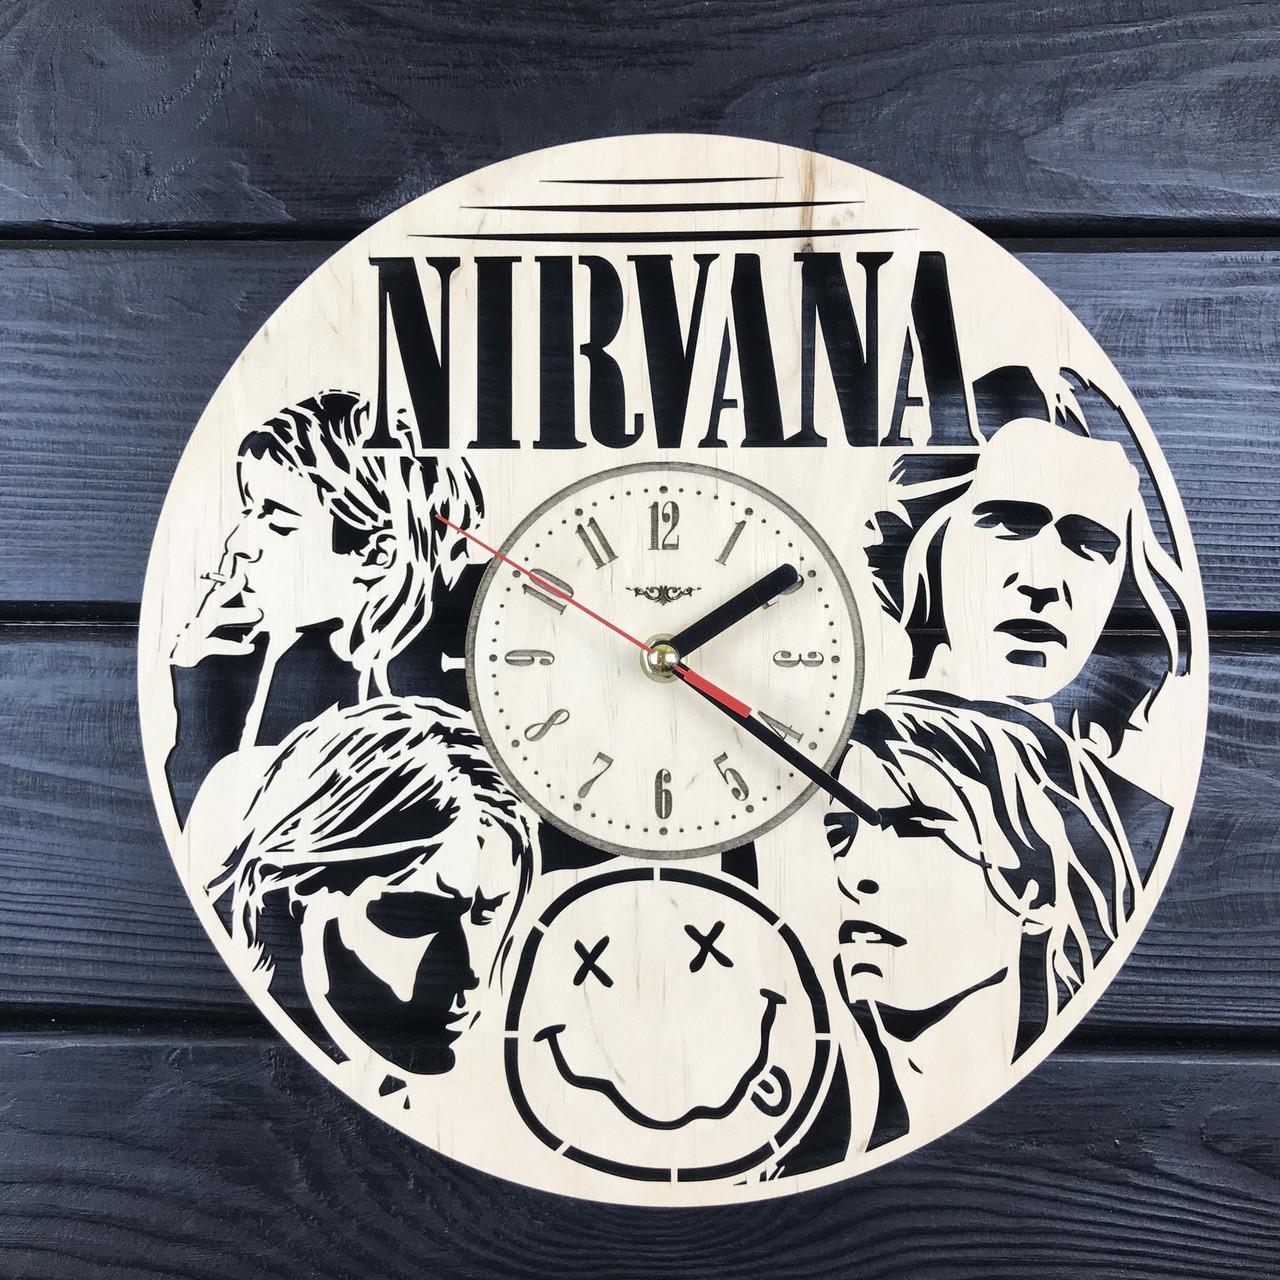 Тематические интерьерные настенные часы «Nirvana»